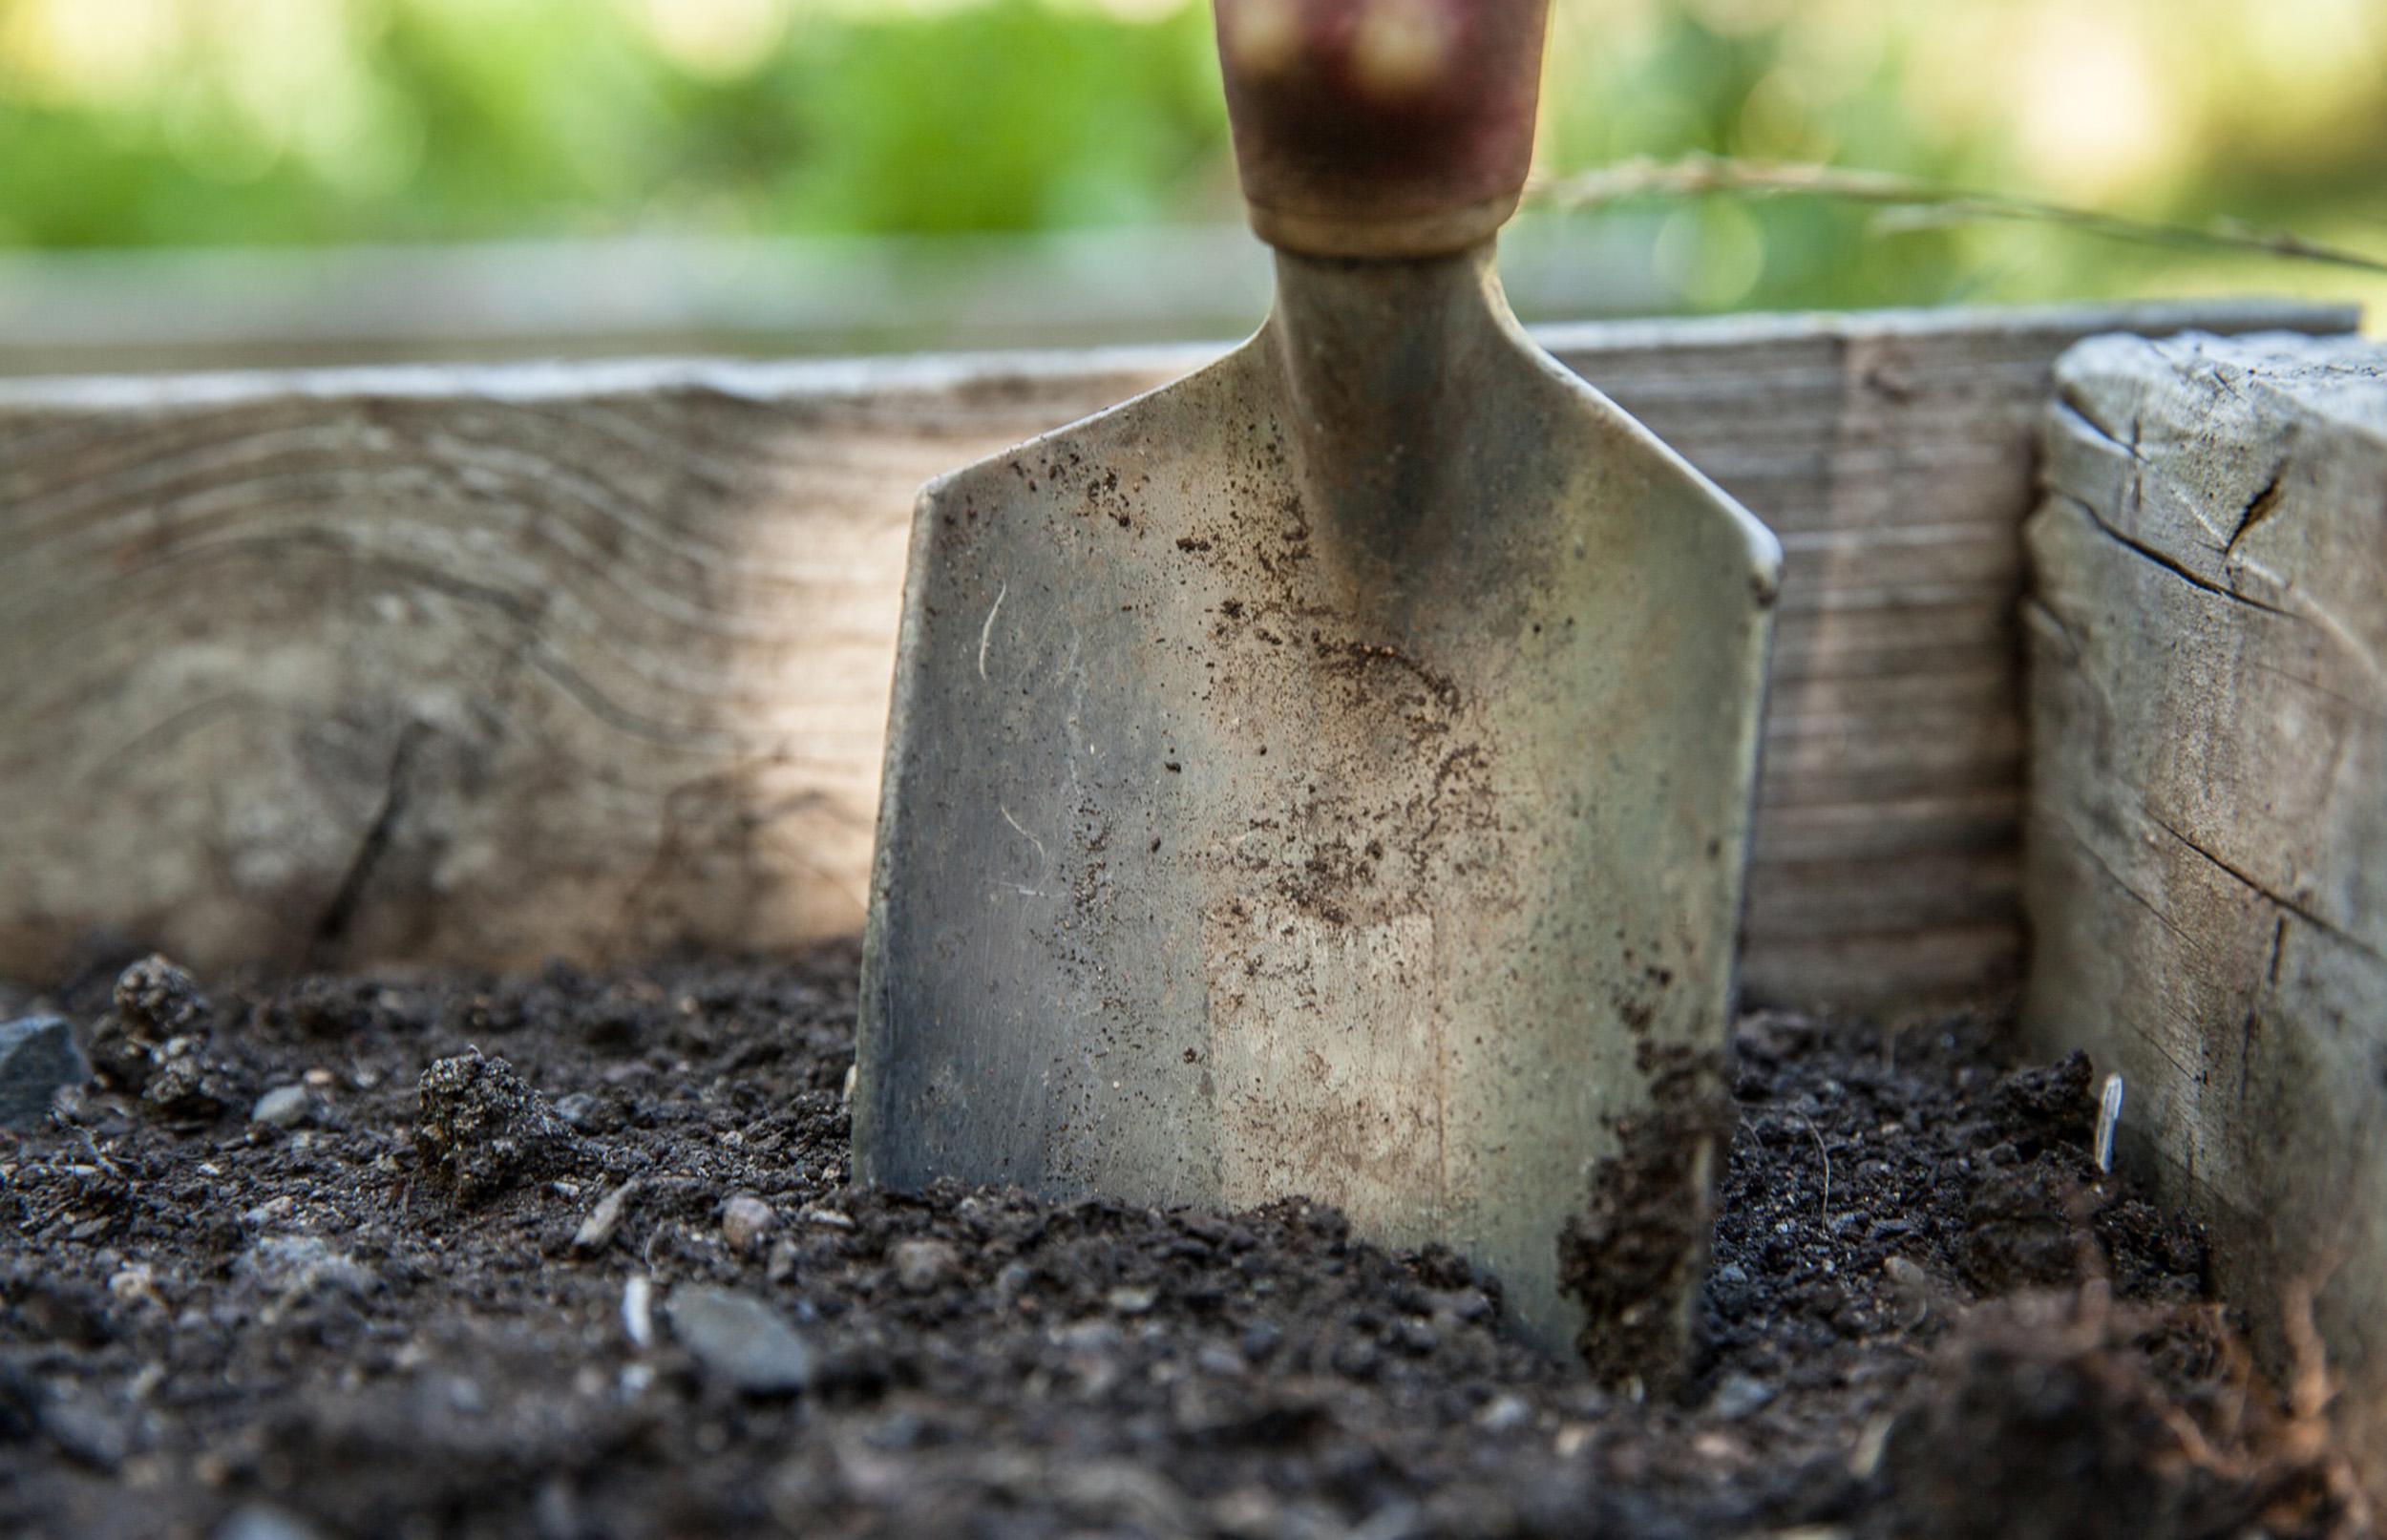 Salg af sprøjtegift til private haver falder – men stiger i landbruget